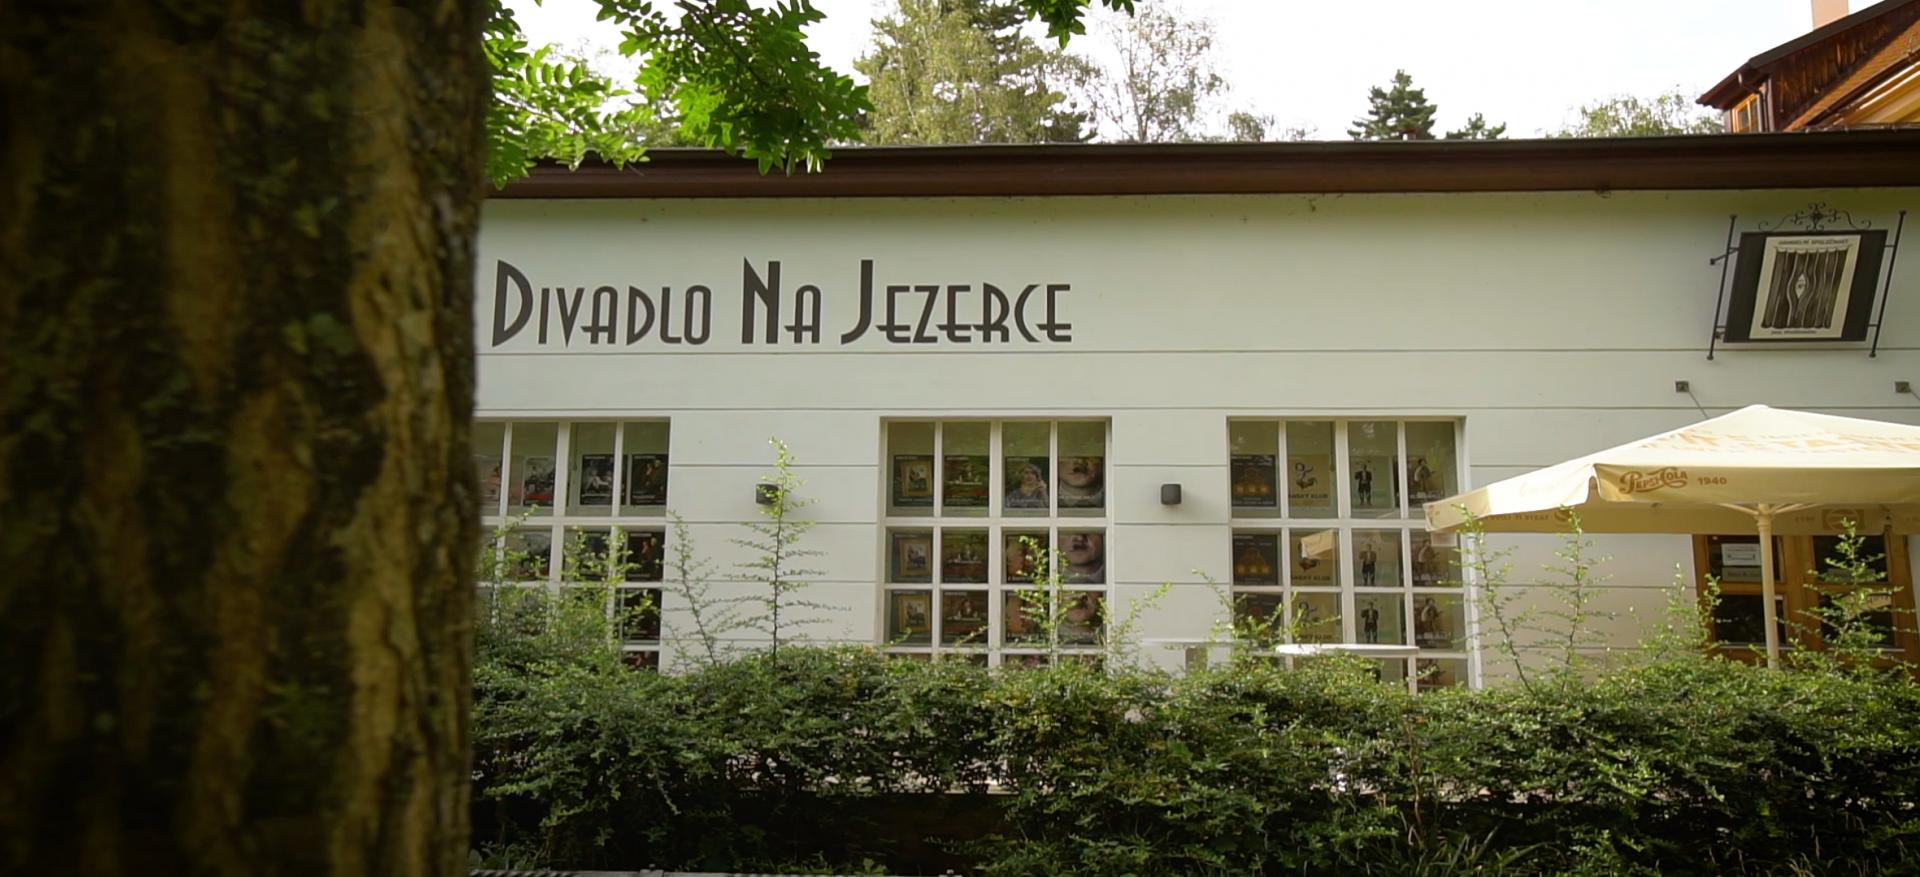 Divadlo_na_jezerce_1